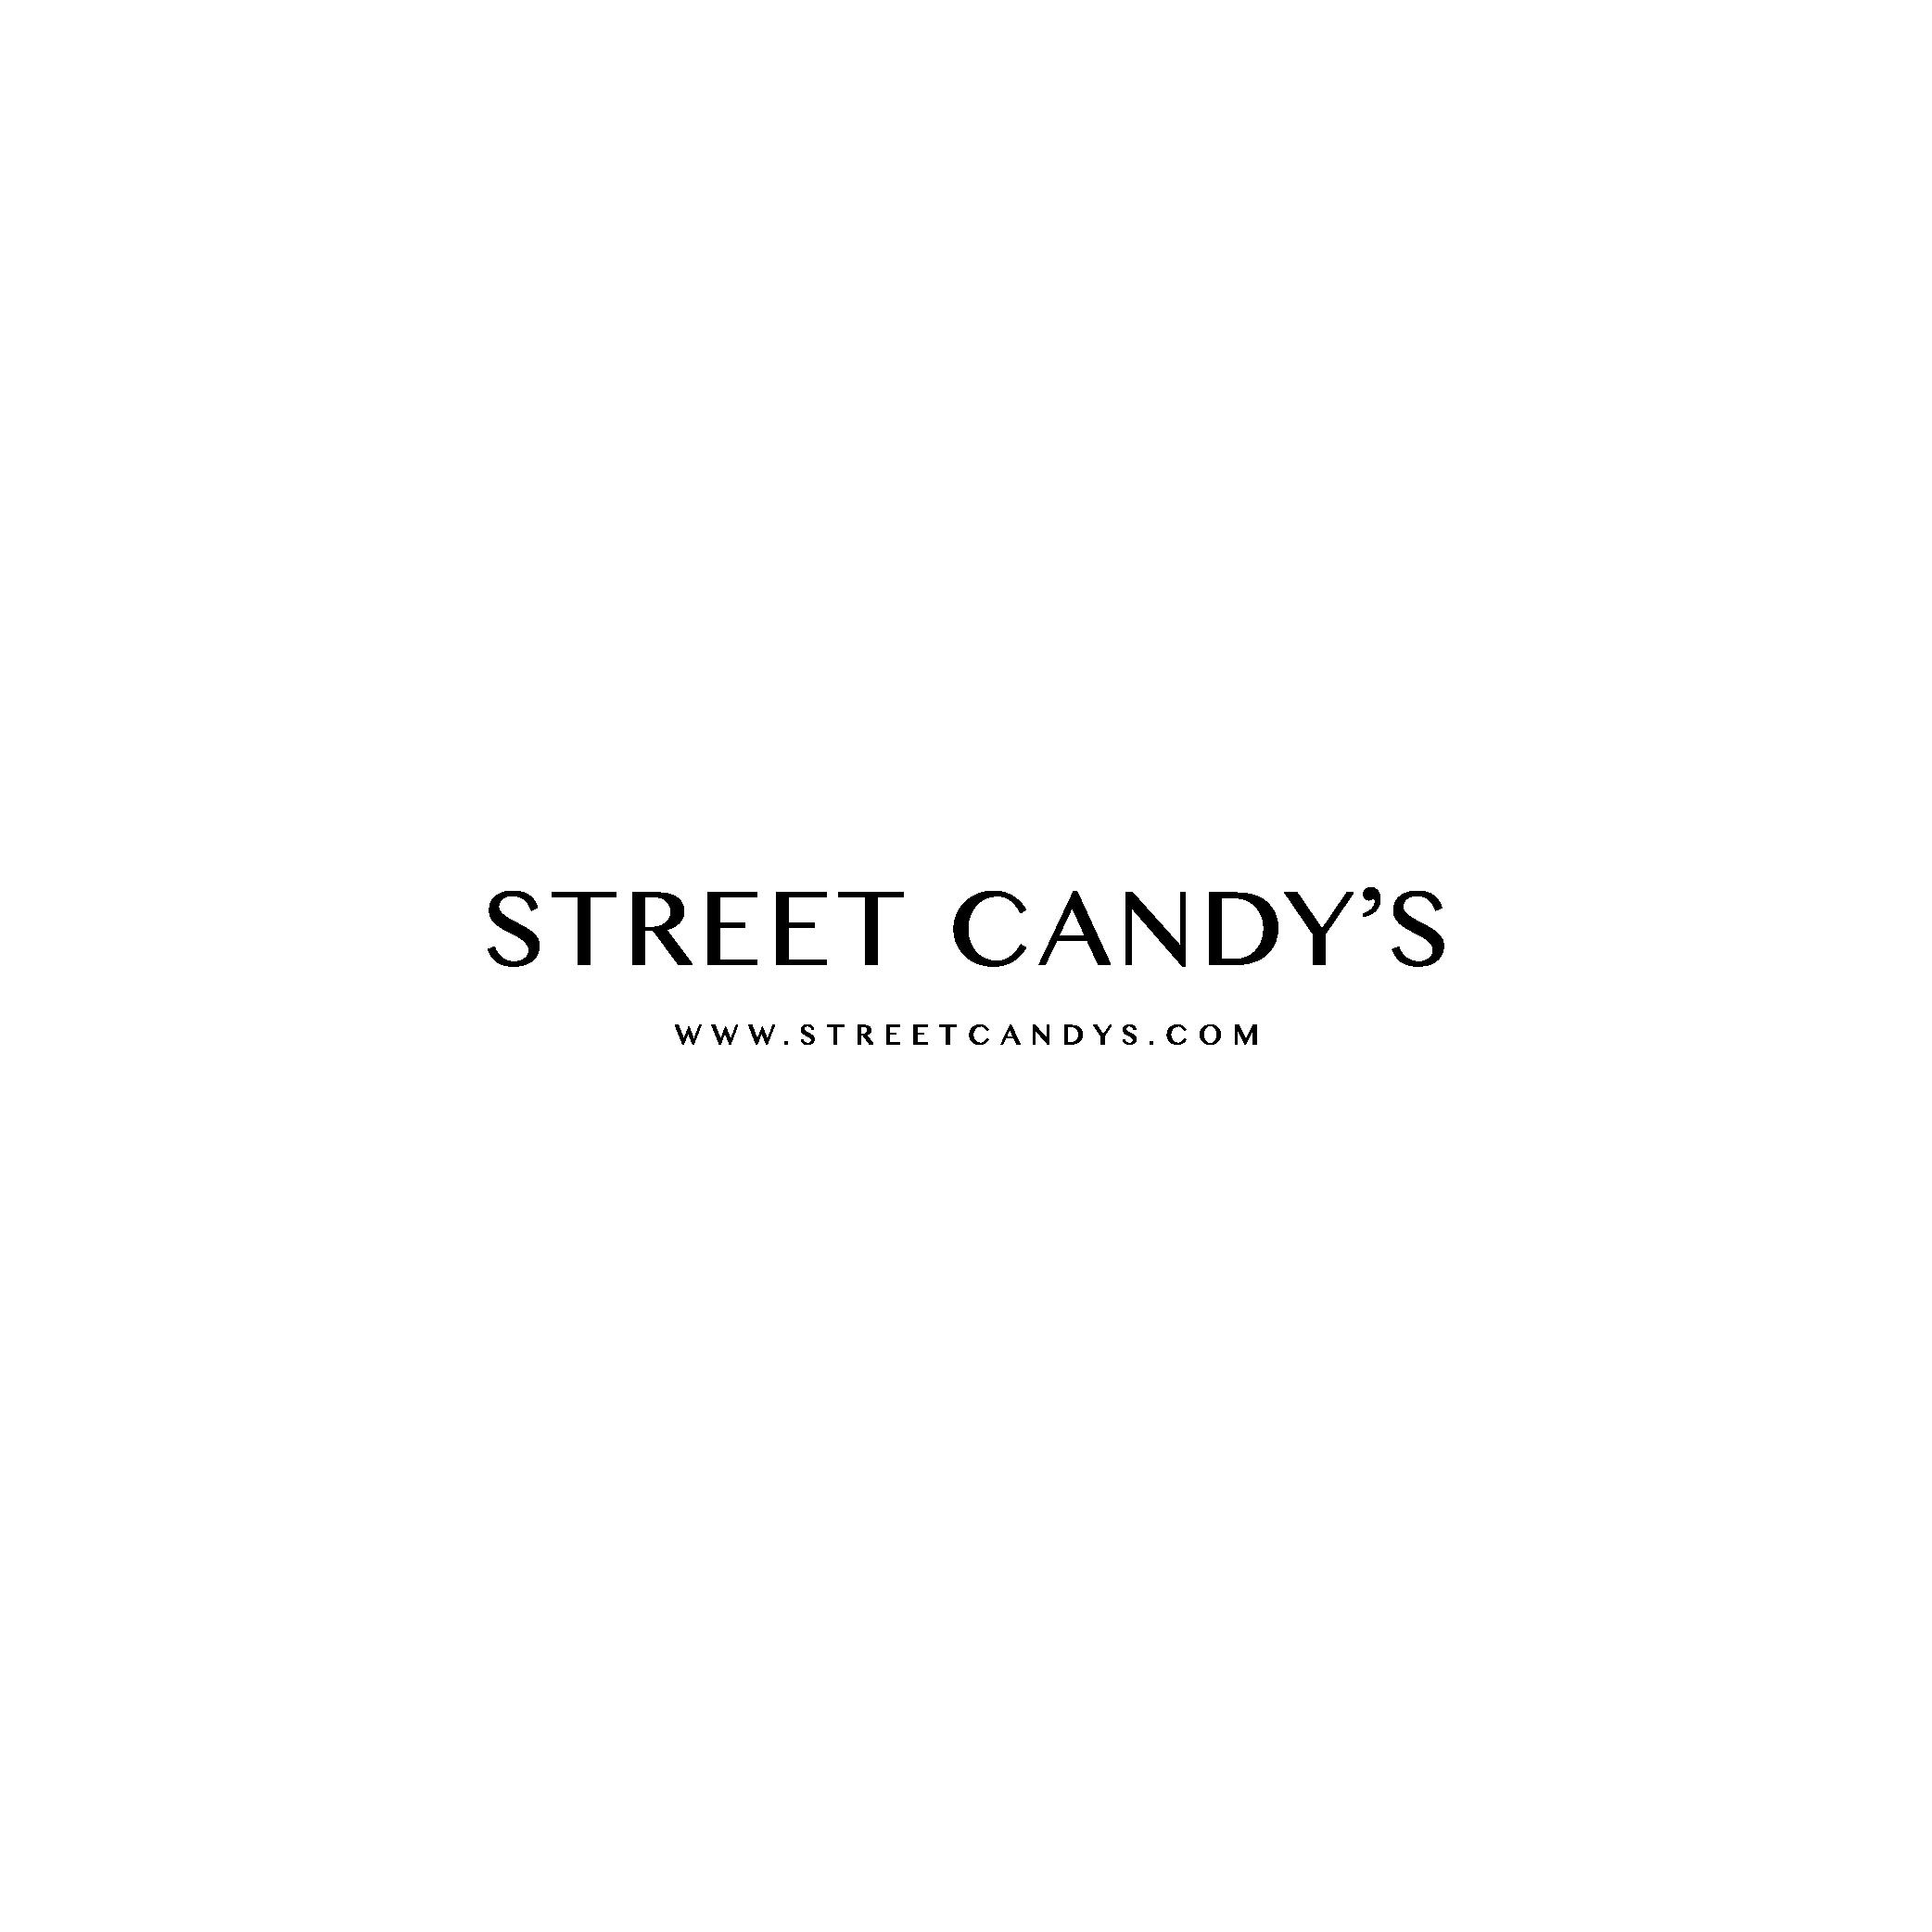 street candys logo